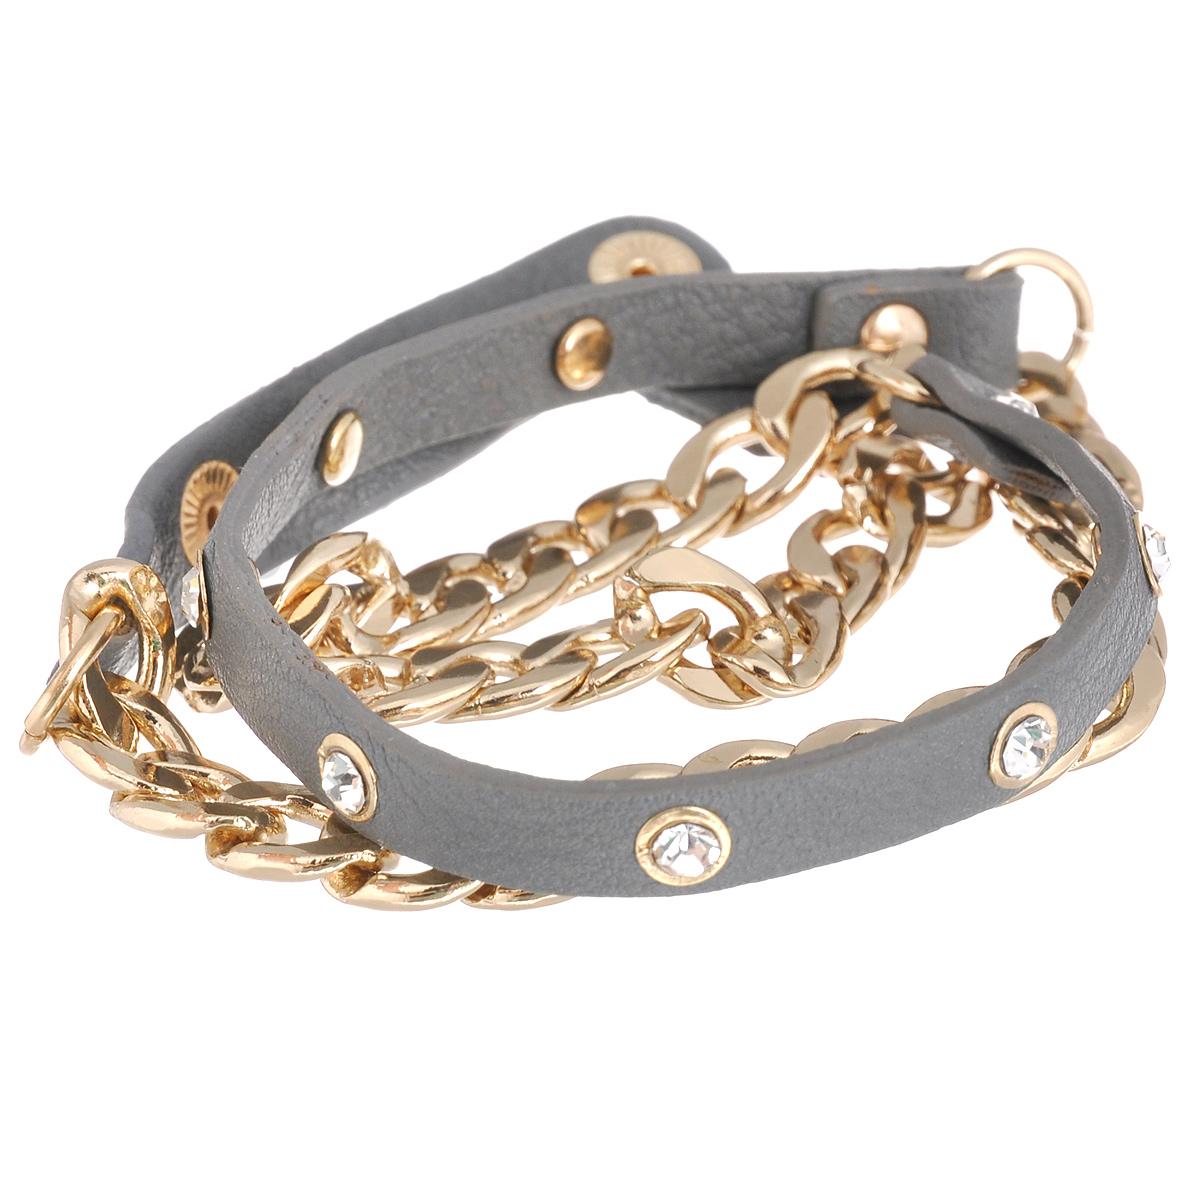 Браслет Taya, цвет: золотистый, серый. T-B-6204T-B-6204-BRAC-GL.GRAYСтильный браслет Taya выполнен из металла и натуральной кожи. Изделие оформлено стразами. Браслет накручивается на руку и застегивается на кнопки. Размер браслета универсальный. Он легко снимается и одевается. Модный браслет дополнит повседневный и праздничный образ, подчеркнув достоинства женской ручки.